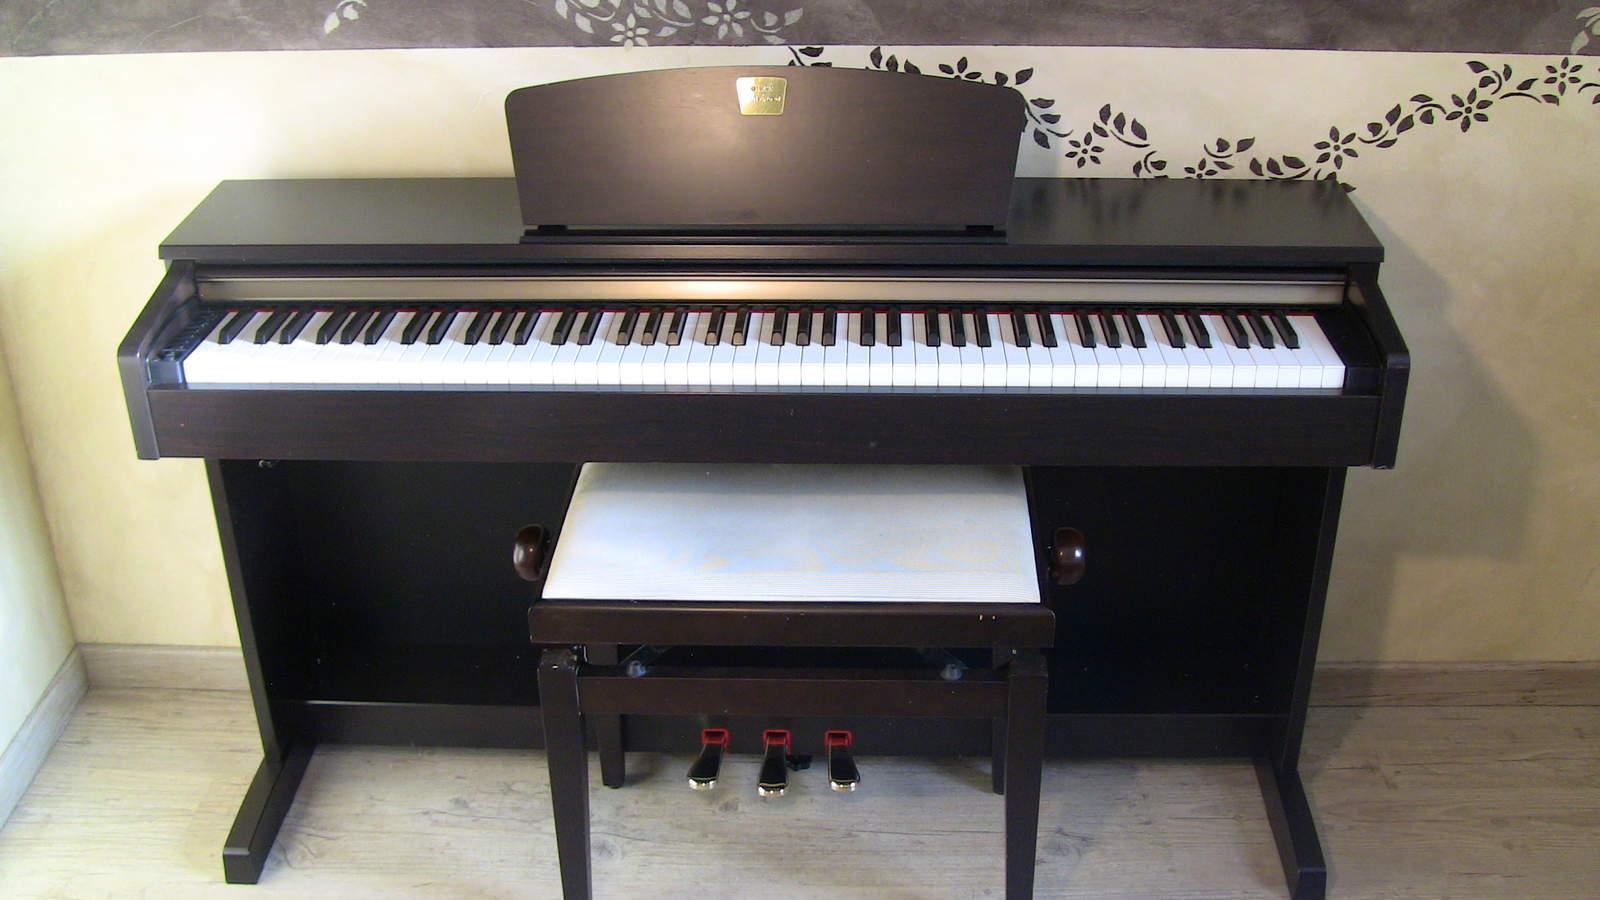 Yamaha clavinova clp 320